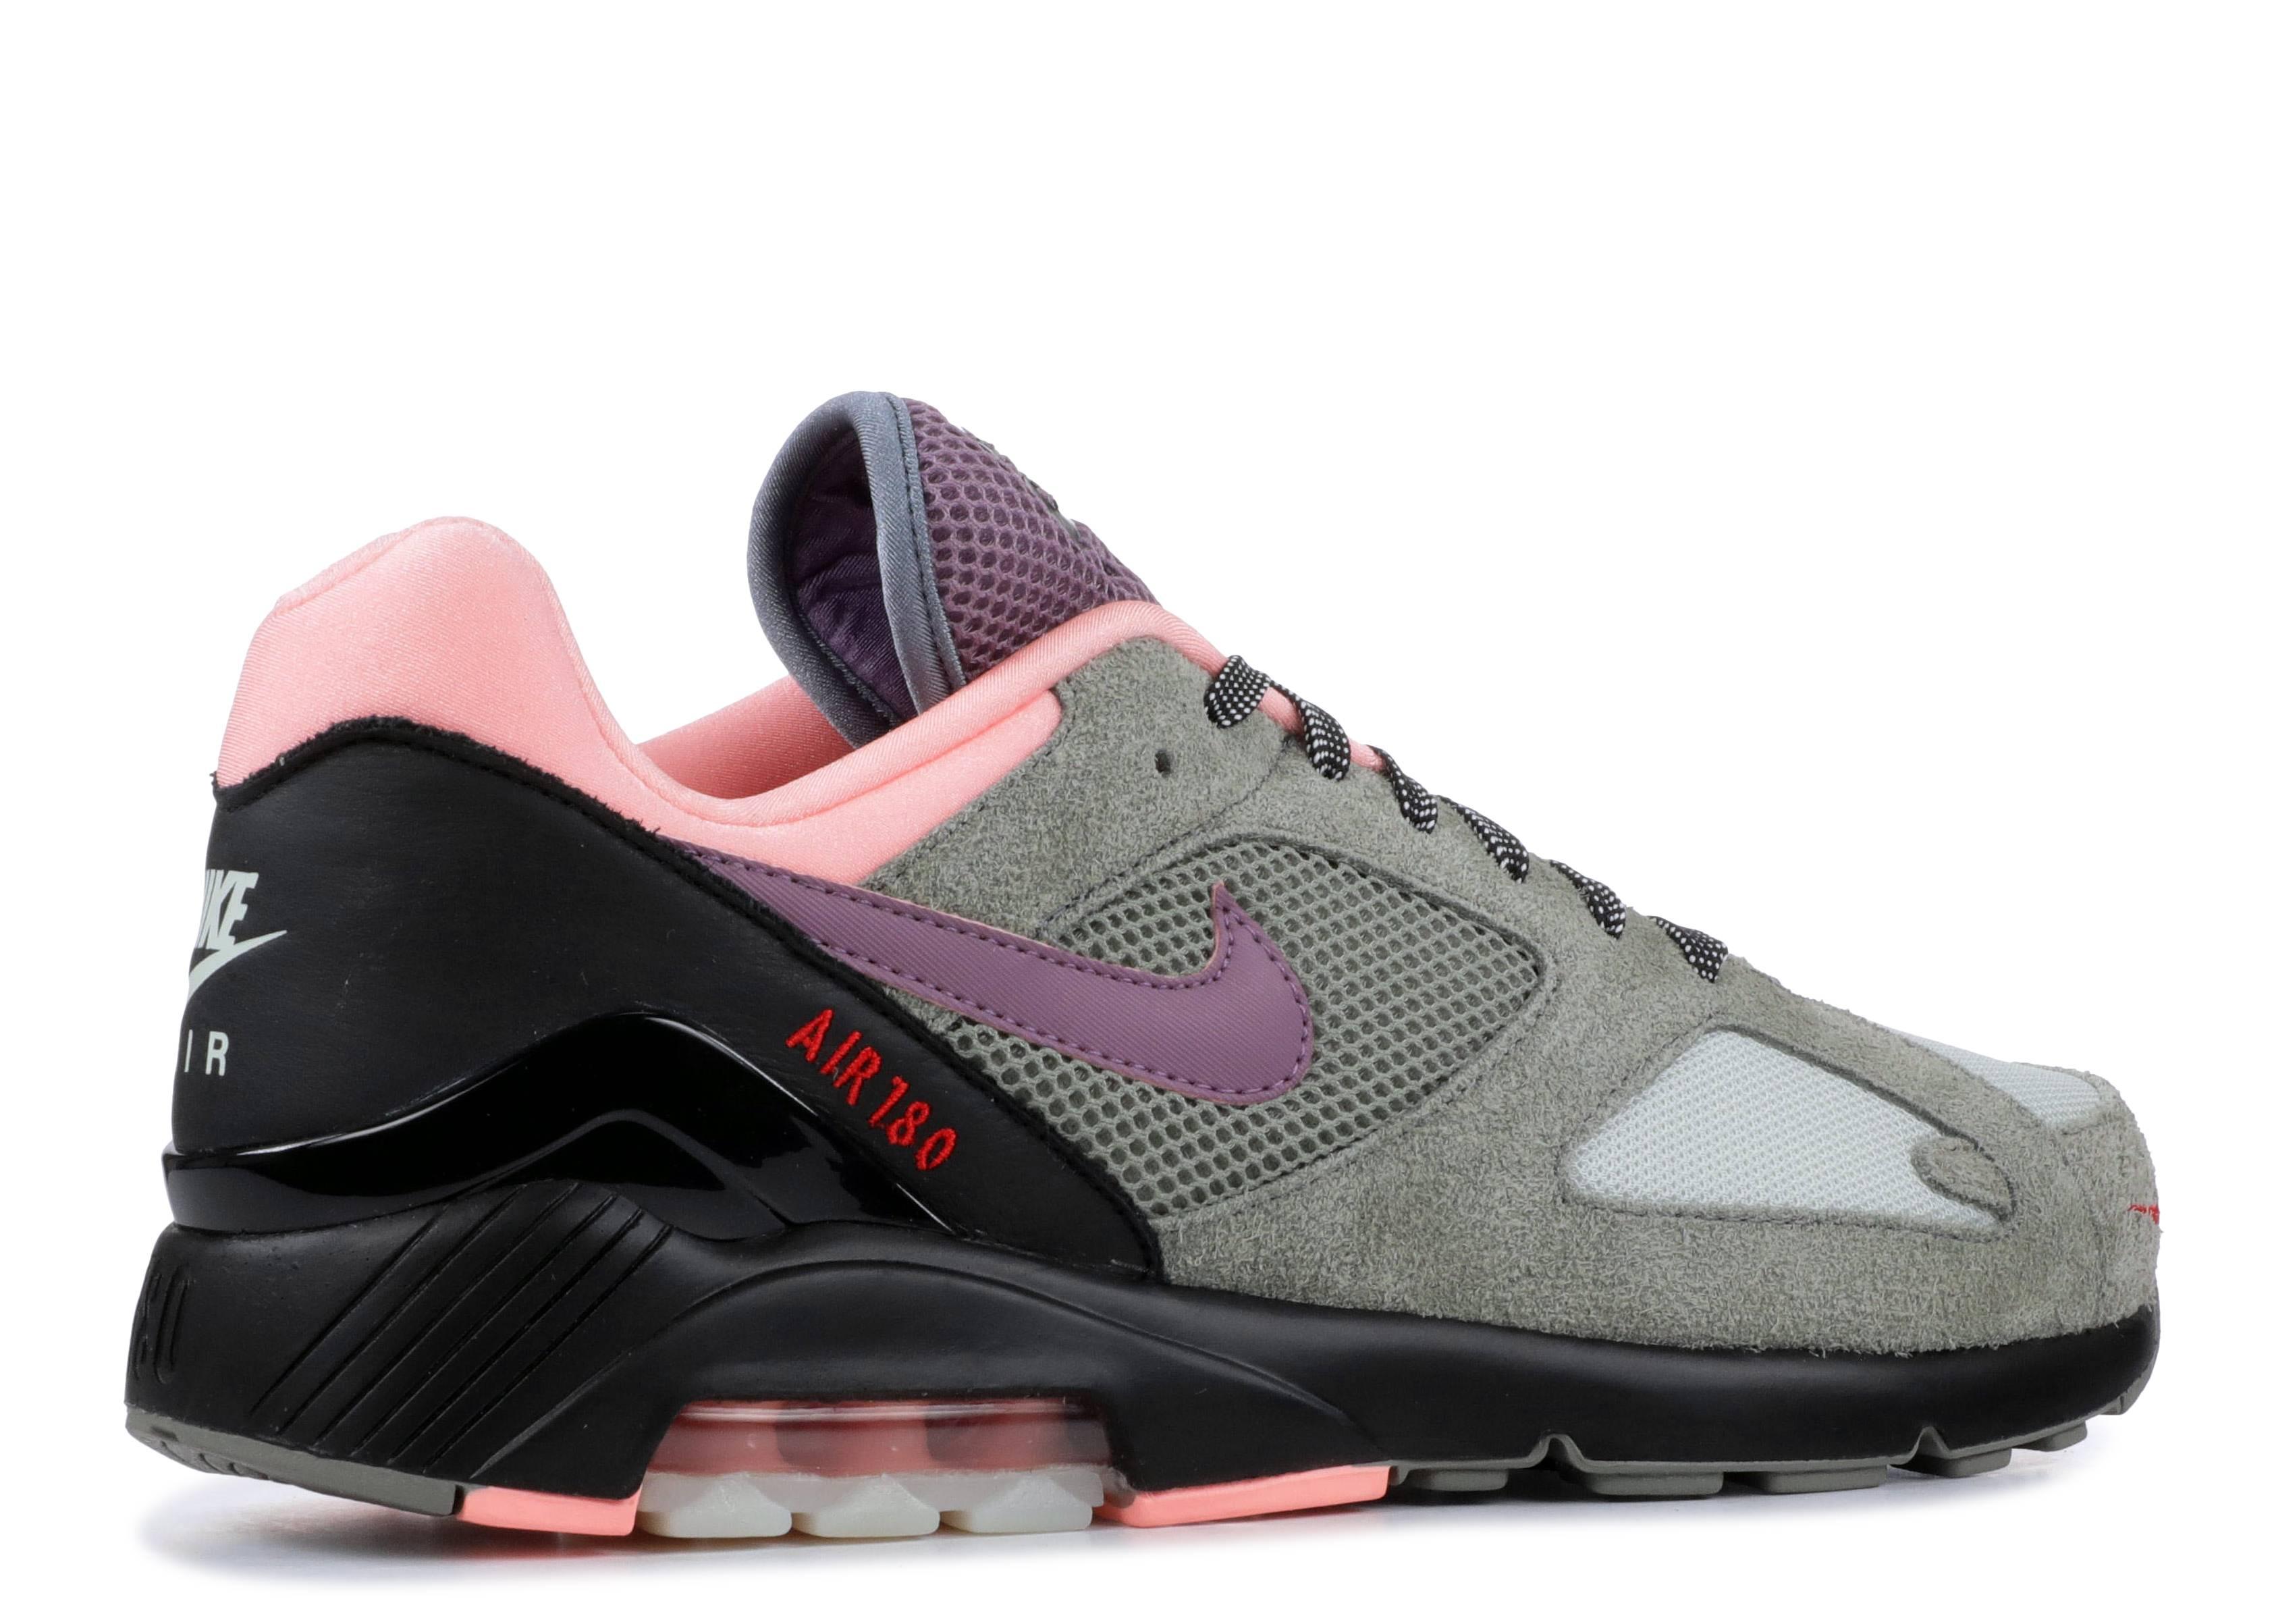 Size? X Air Max 180 'Dusk' - Nike - AV5189 001 - dark stucco ...